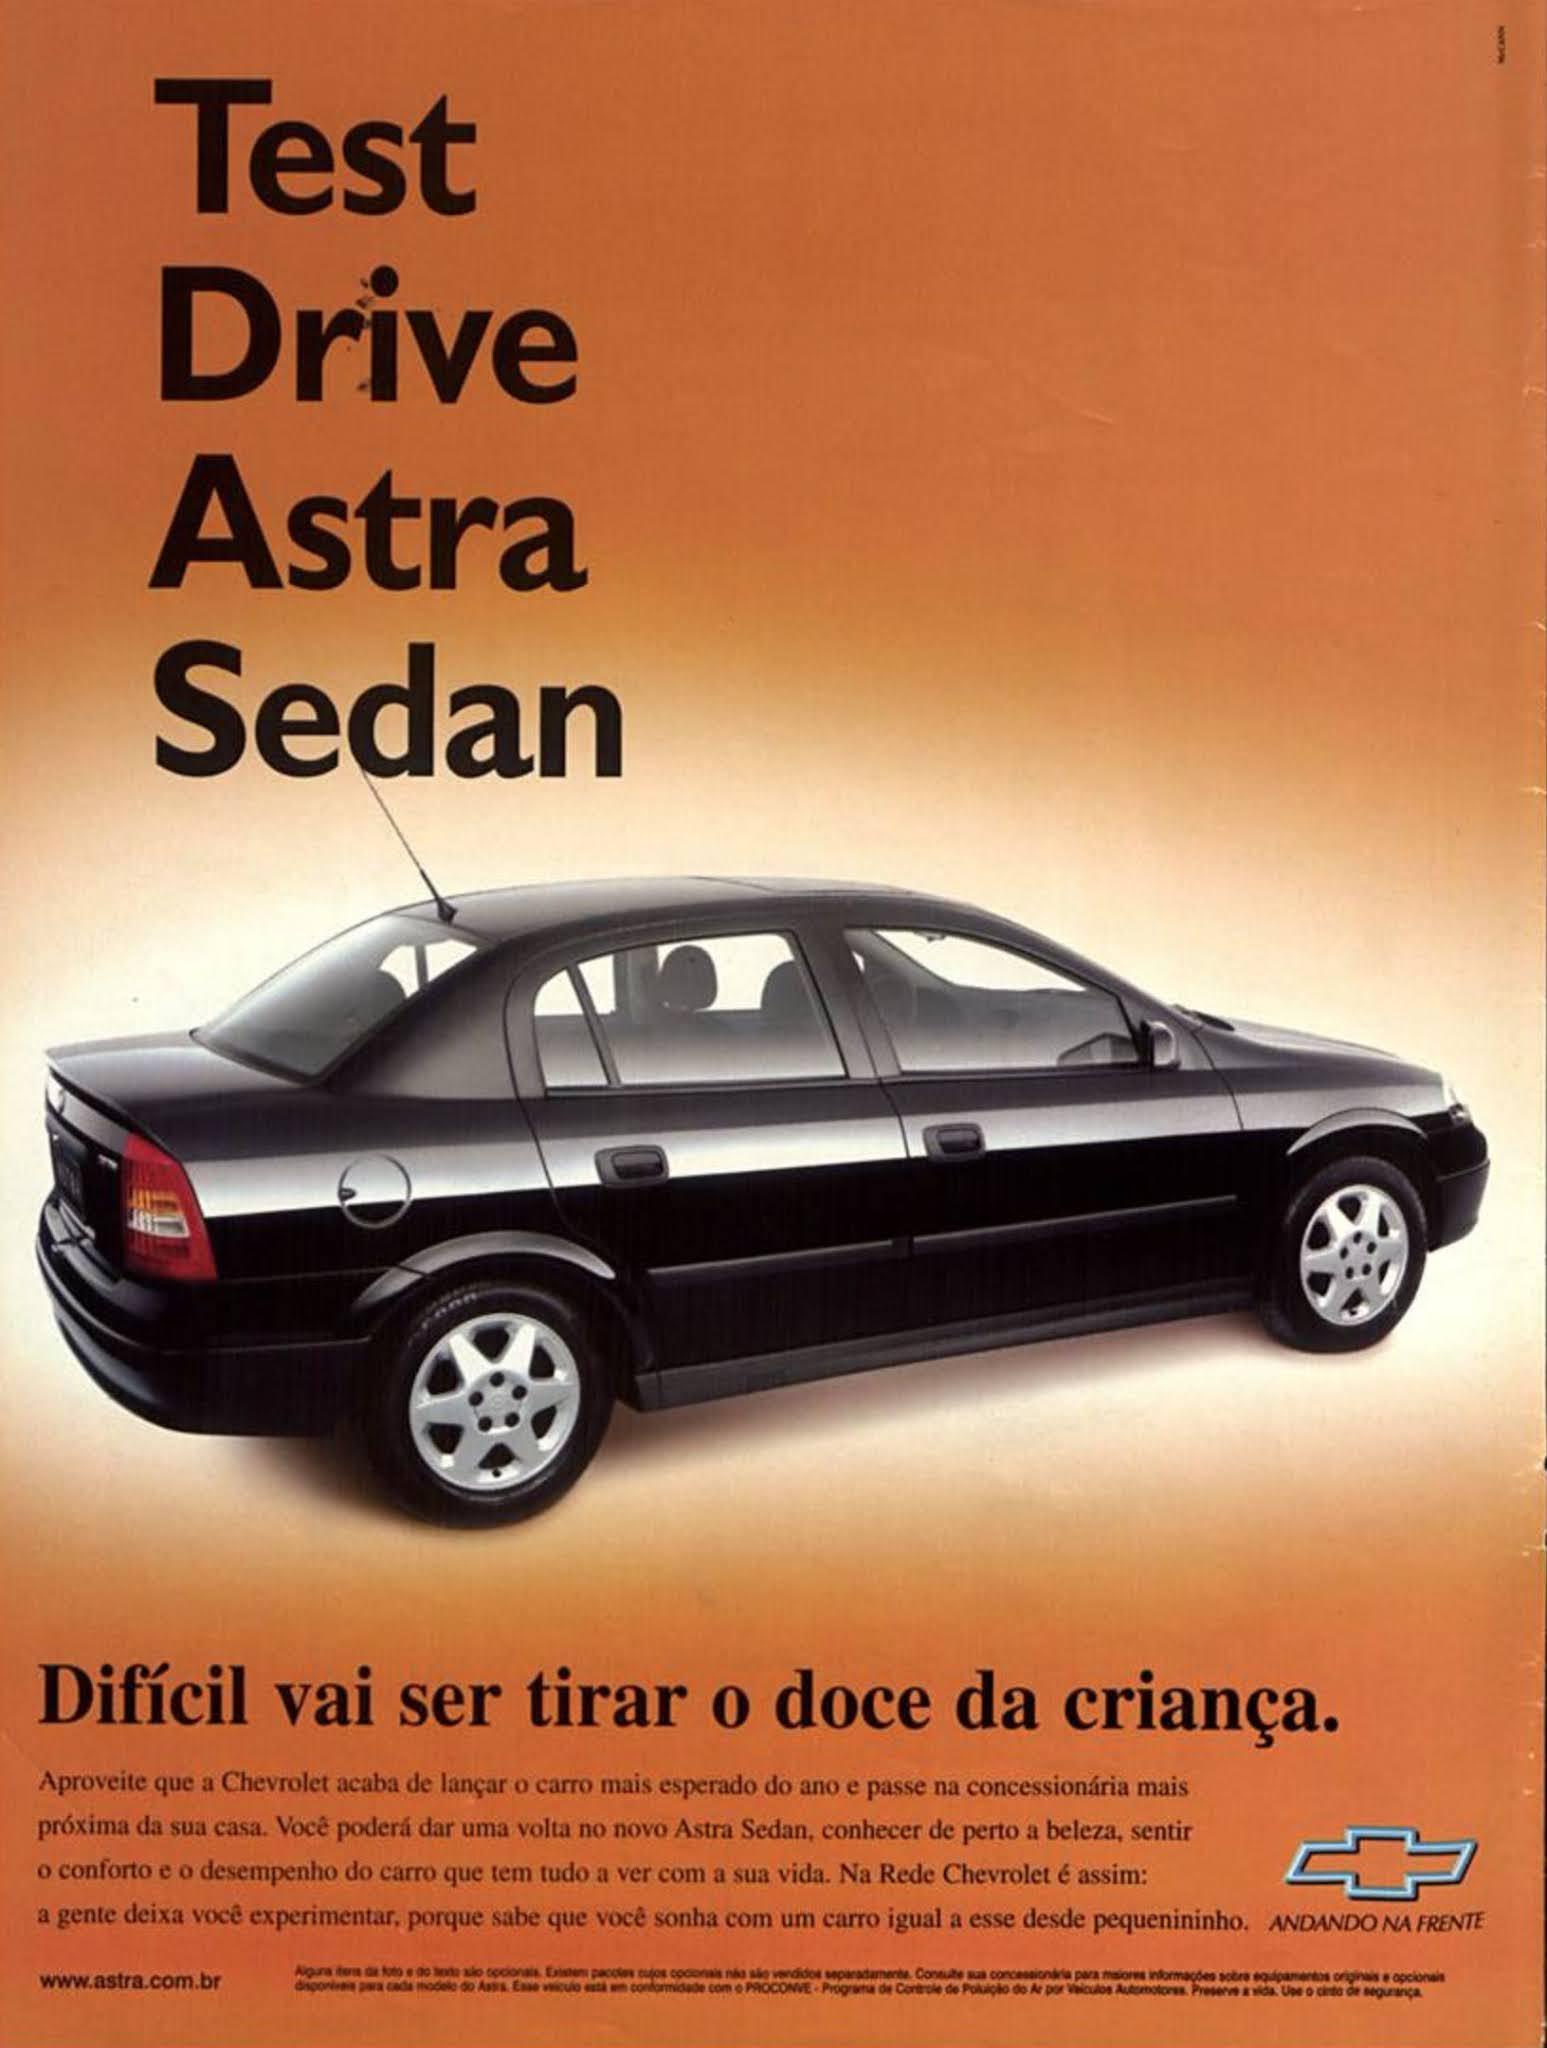 Anúncio antigo da Chevrolet promovendo o Astra em 1999